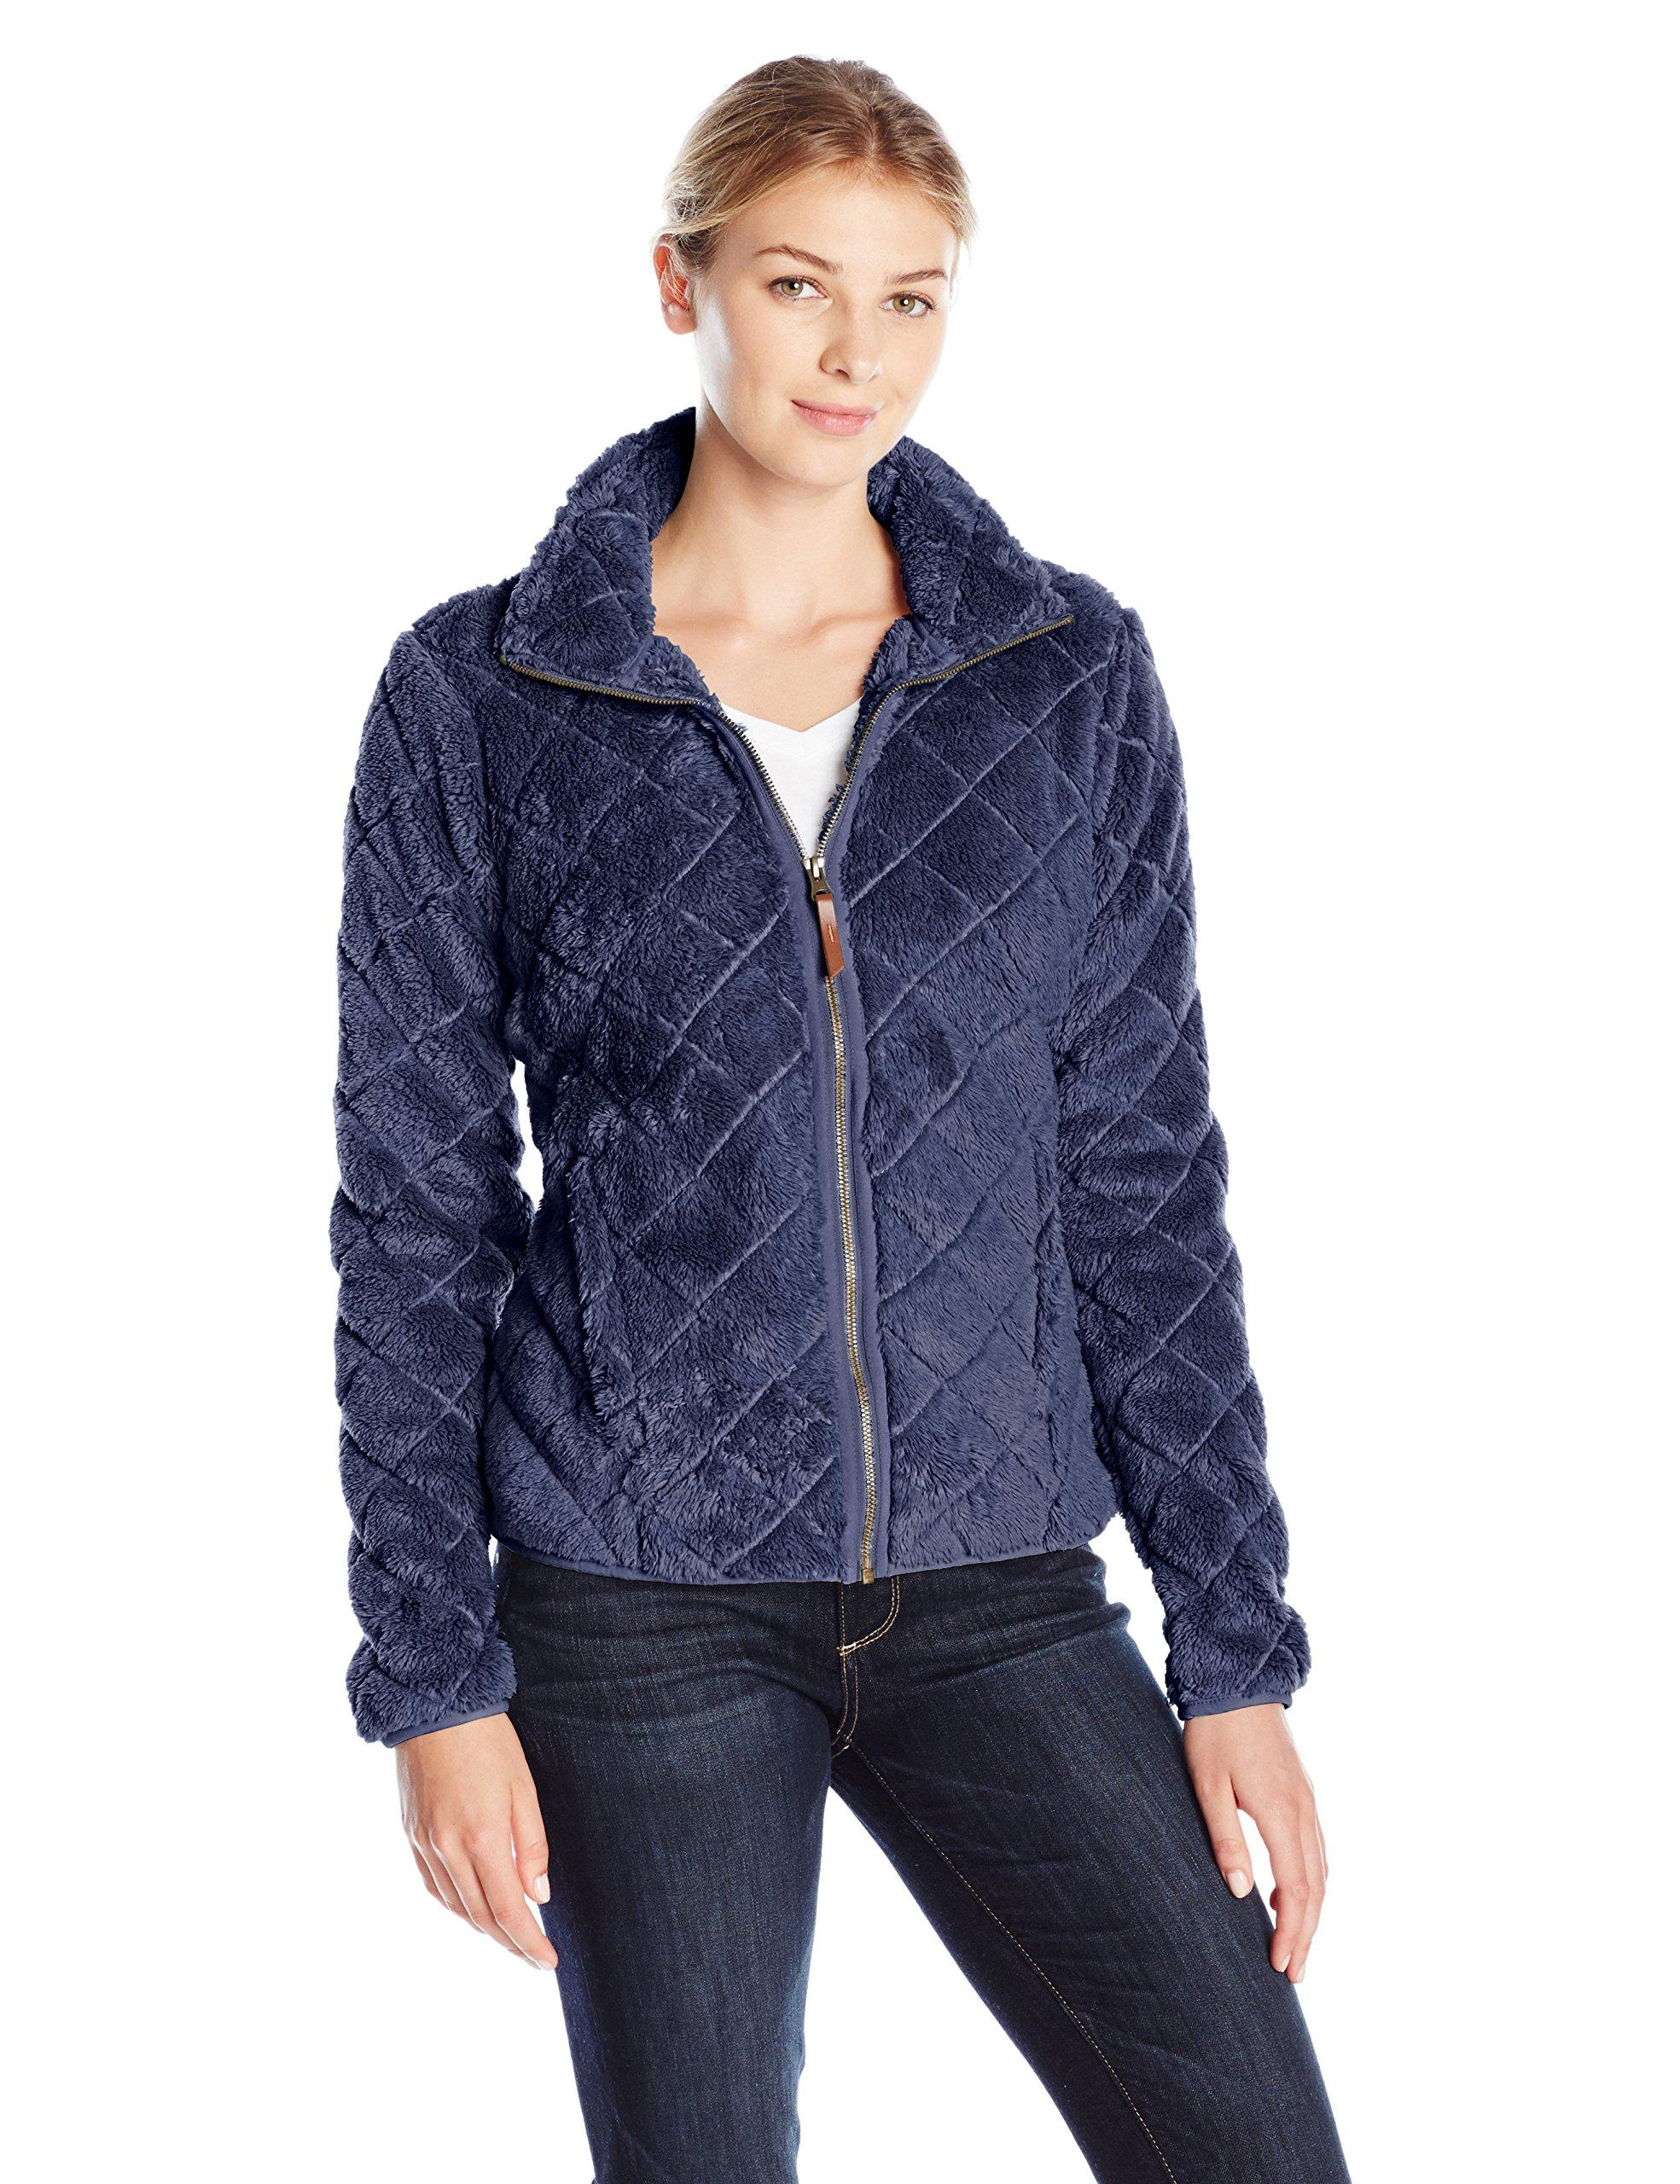 Columbia Women's Fire Side Sherpa Full Zip Jacket, Nocturnal, XS